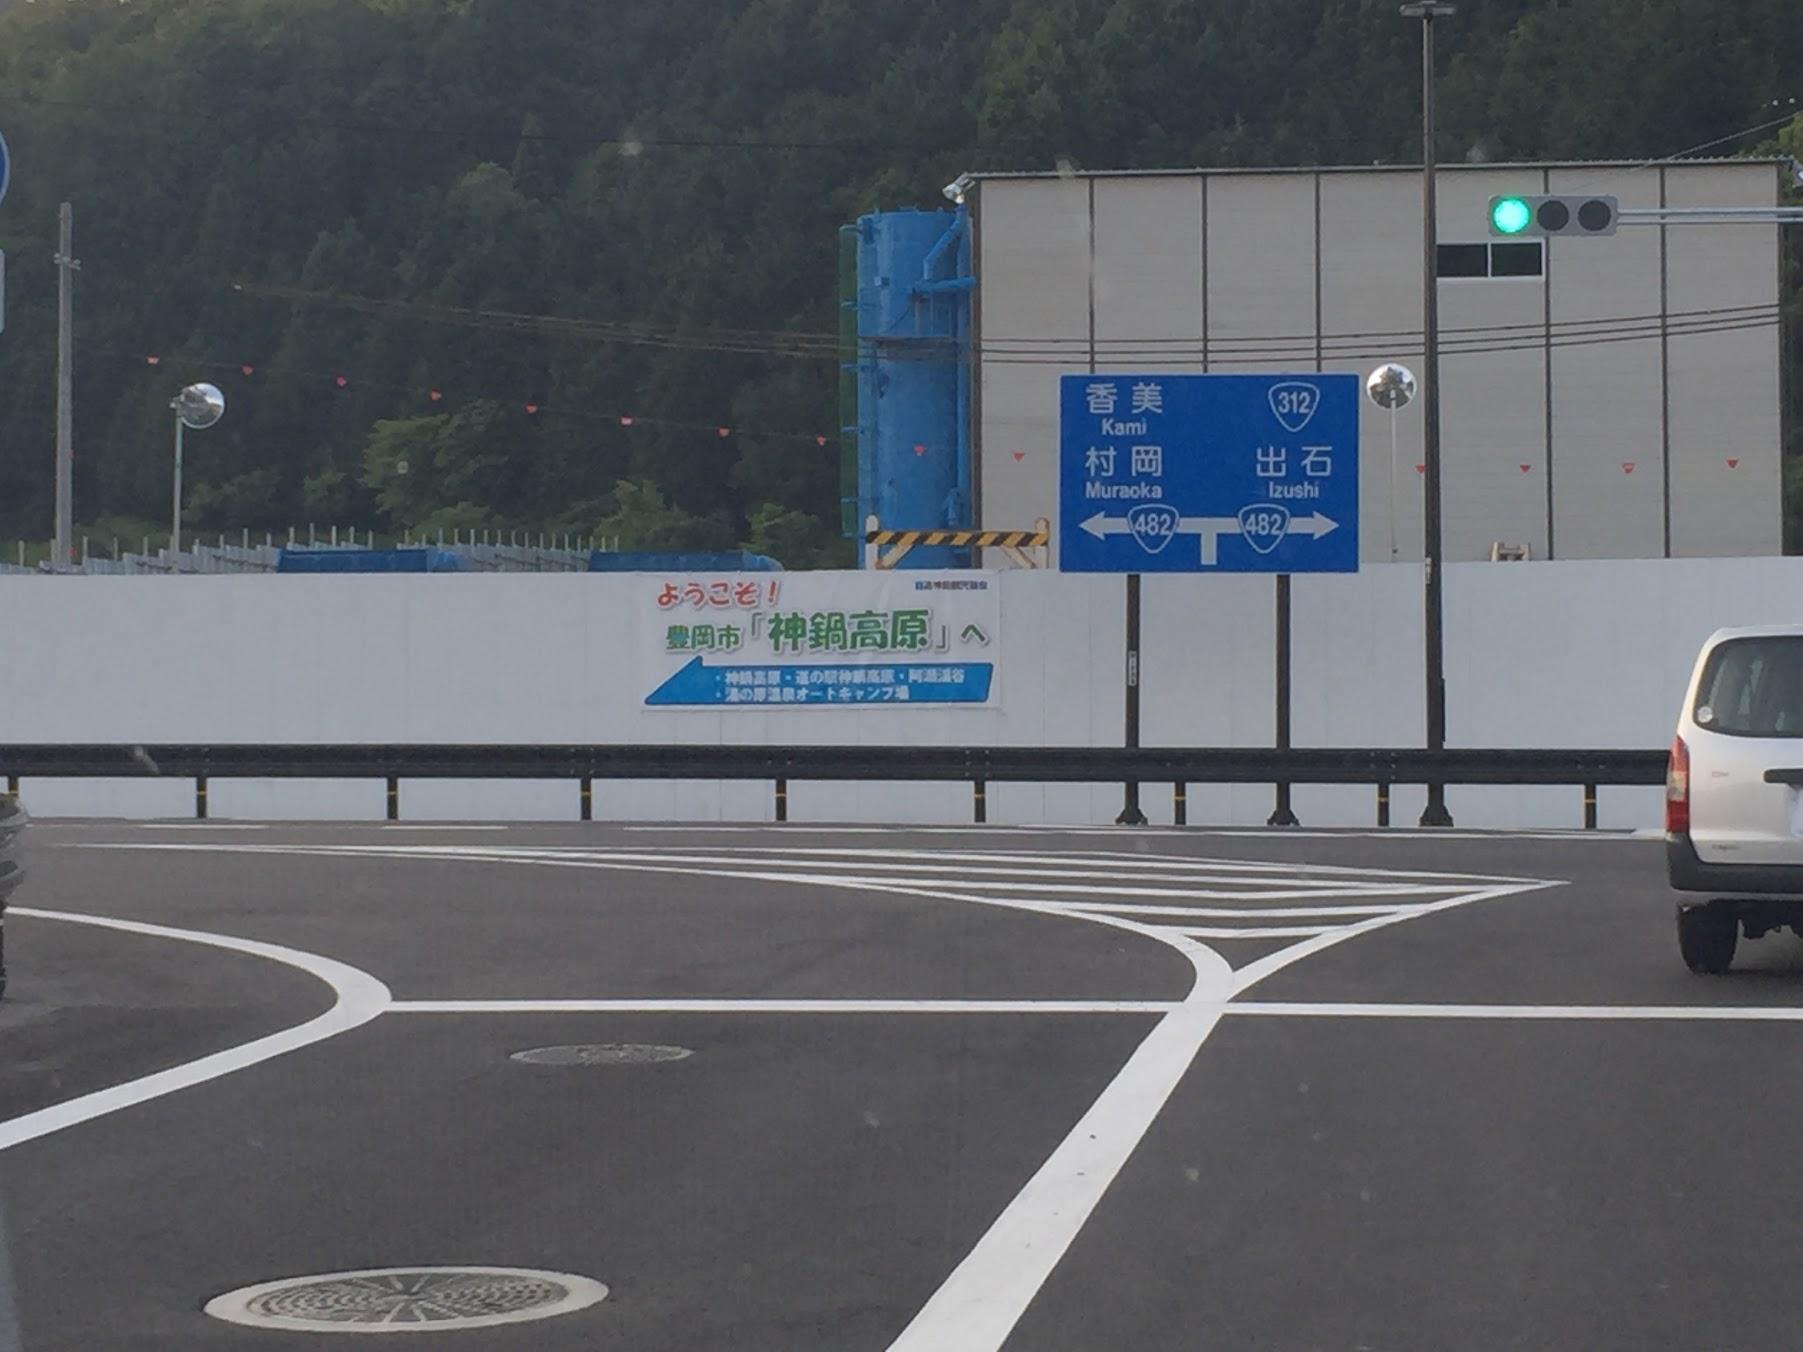 日高神鍋高原インターチェンジ出口の方向指示看板が改善されていました ...